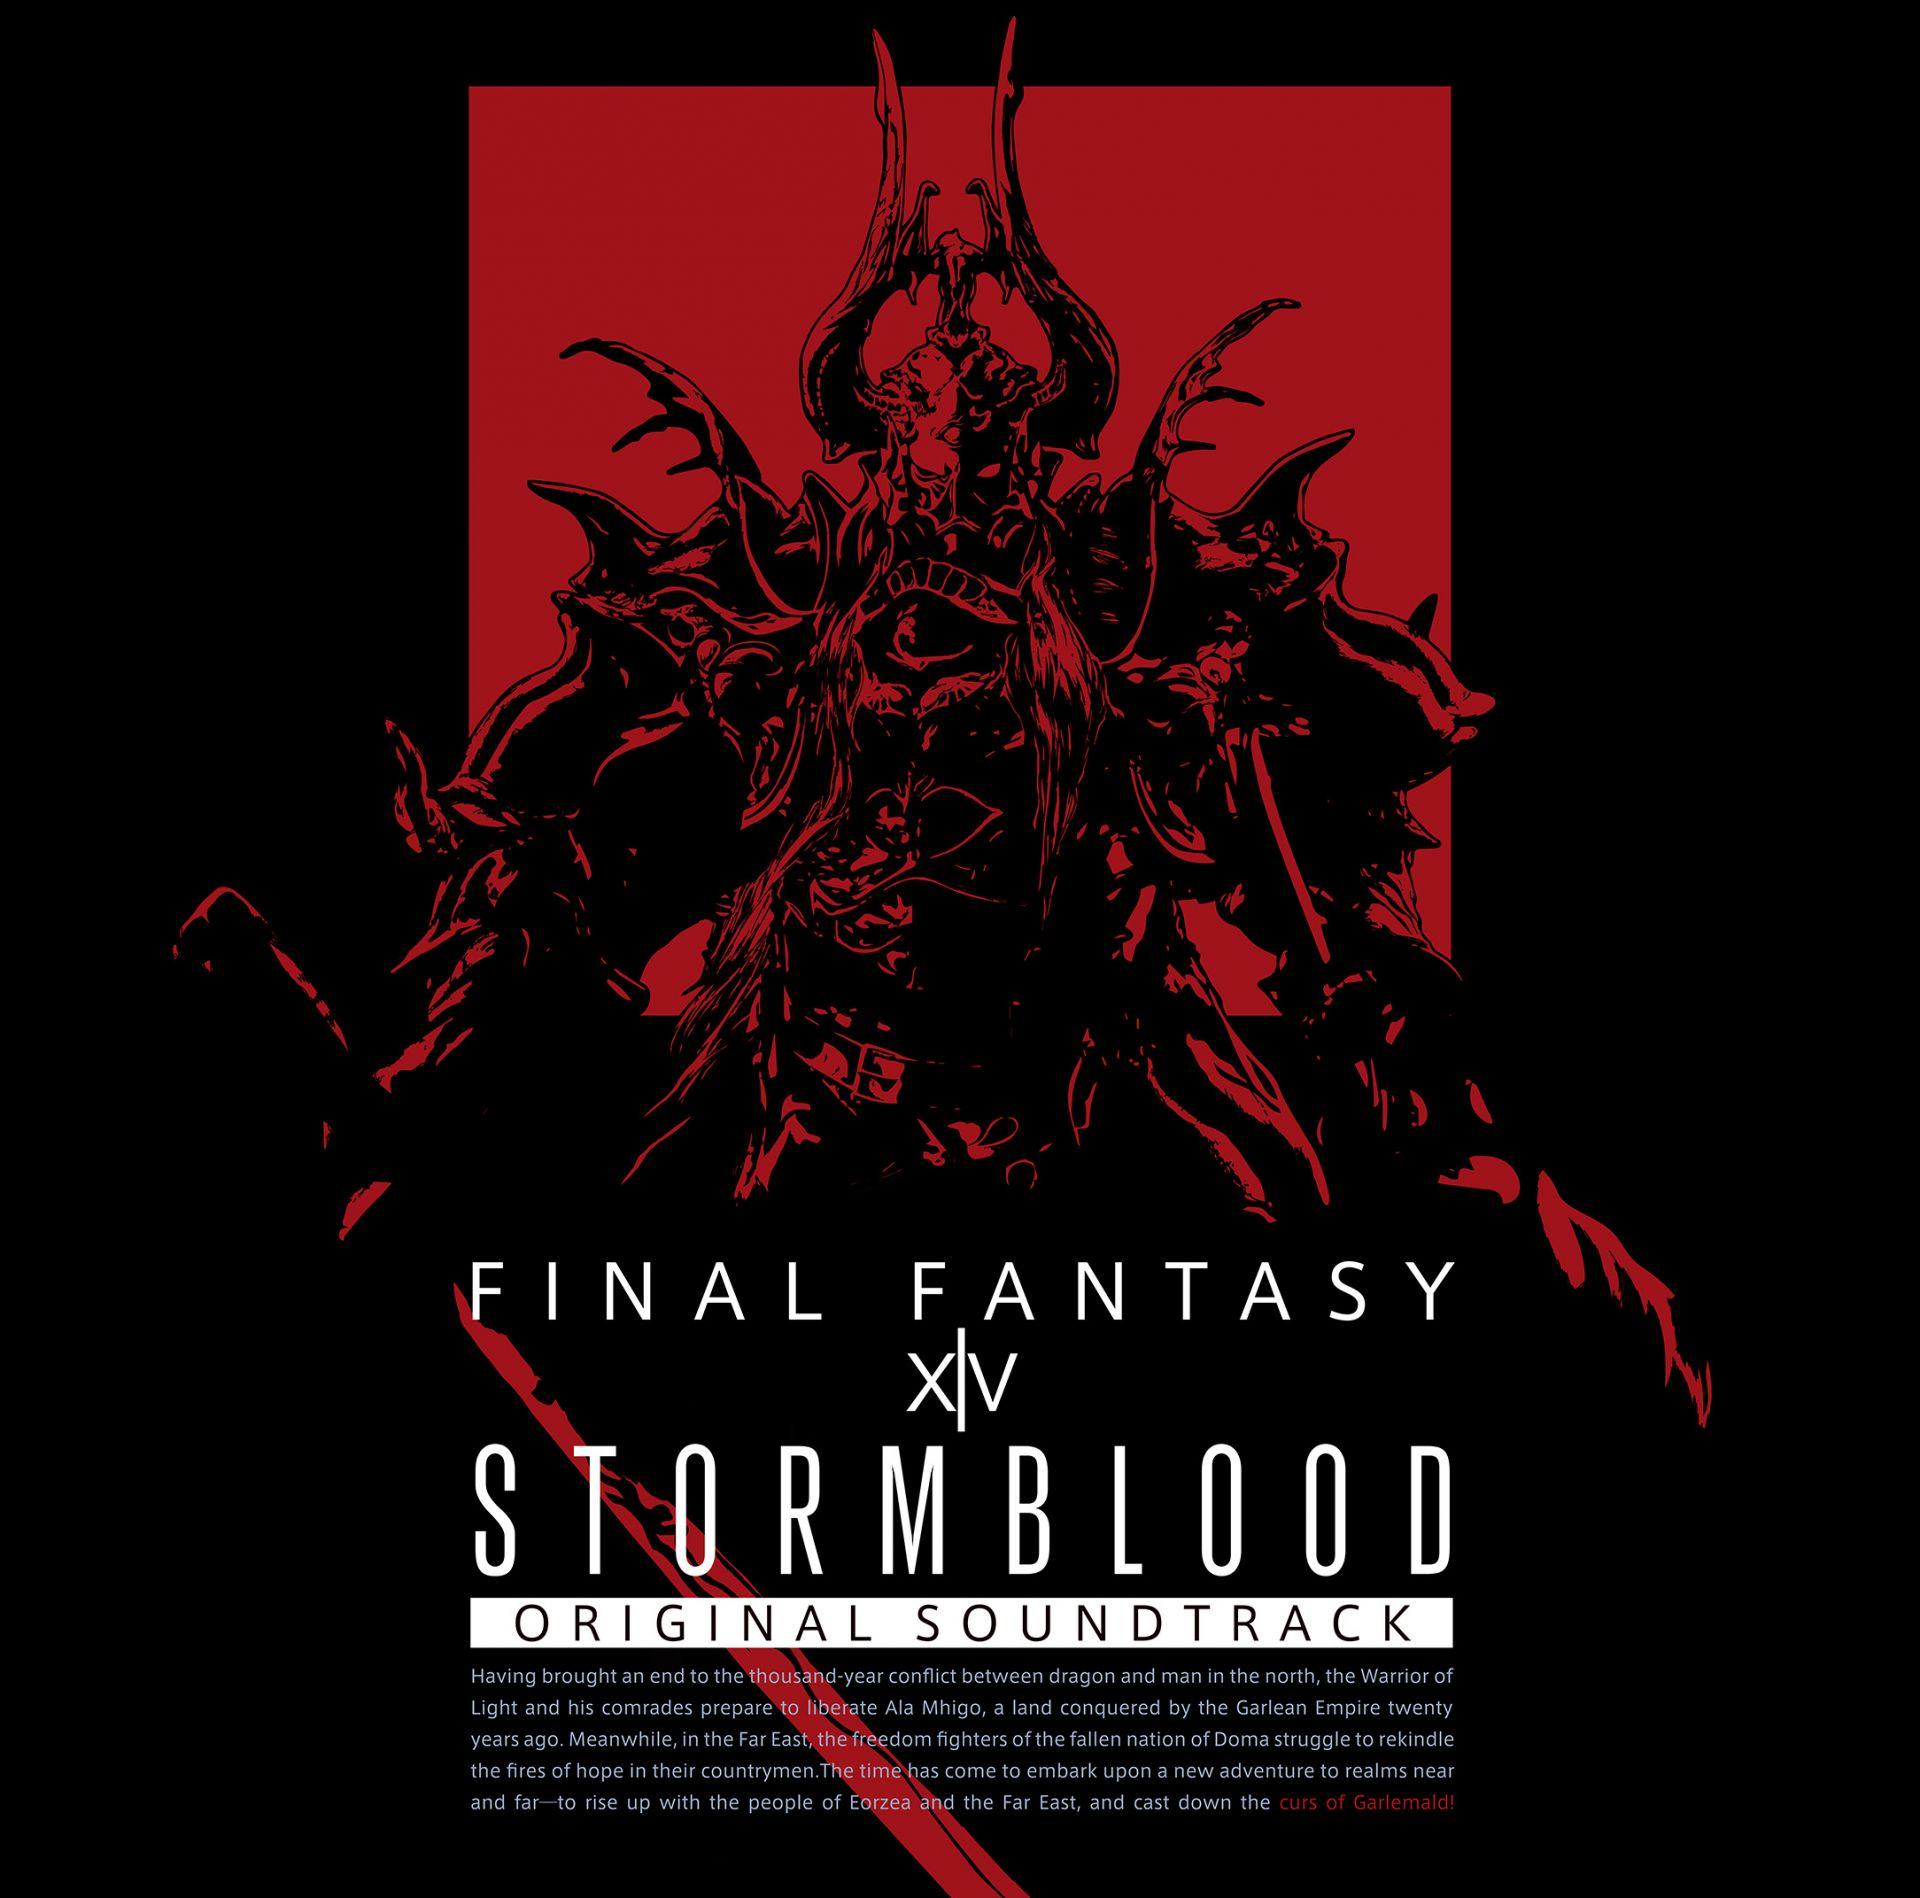 STORMBLOOD: FINAL FANTASY XIV Original-Soundtrack